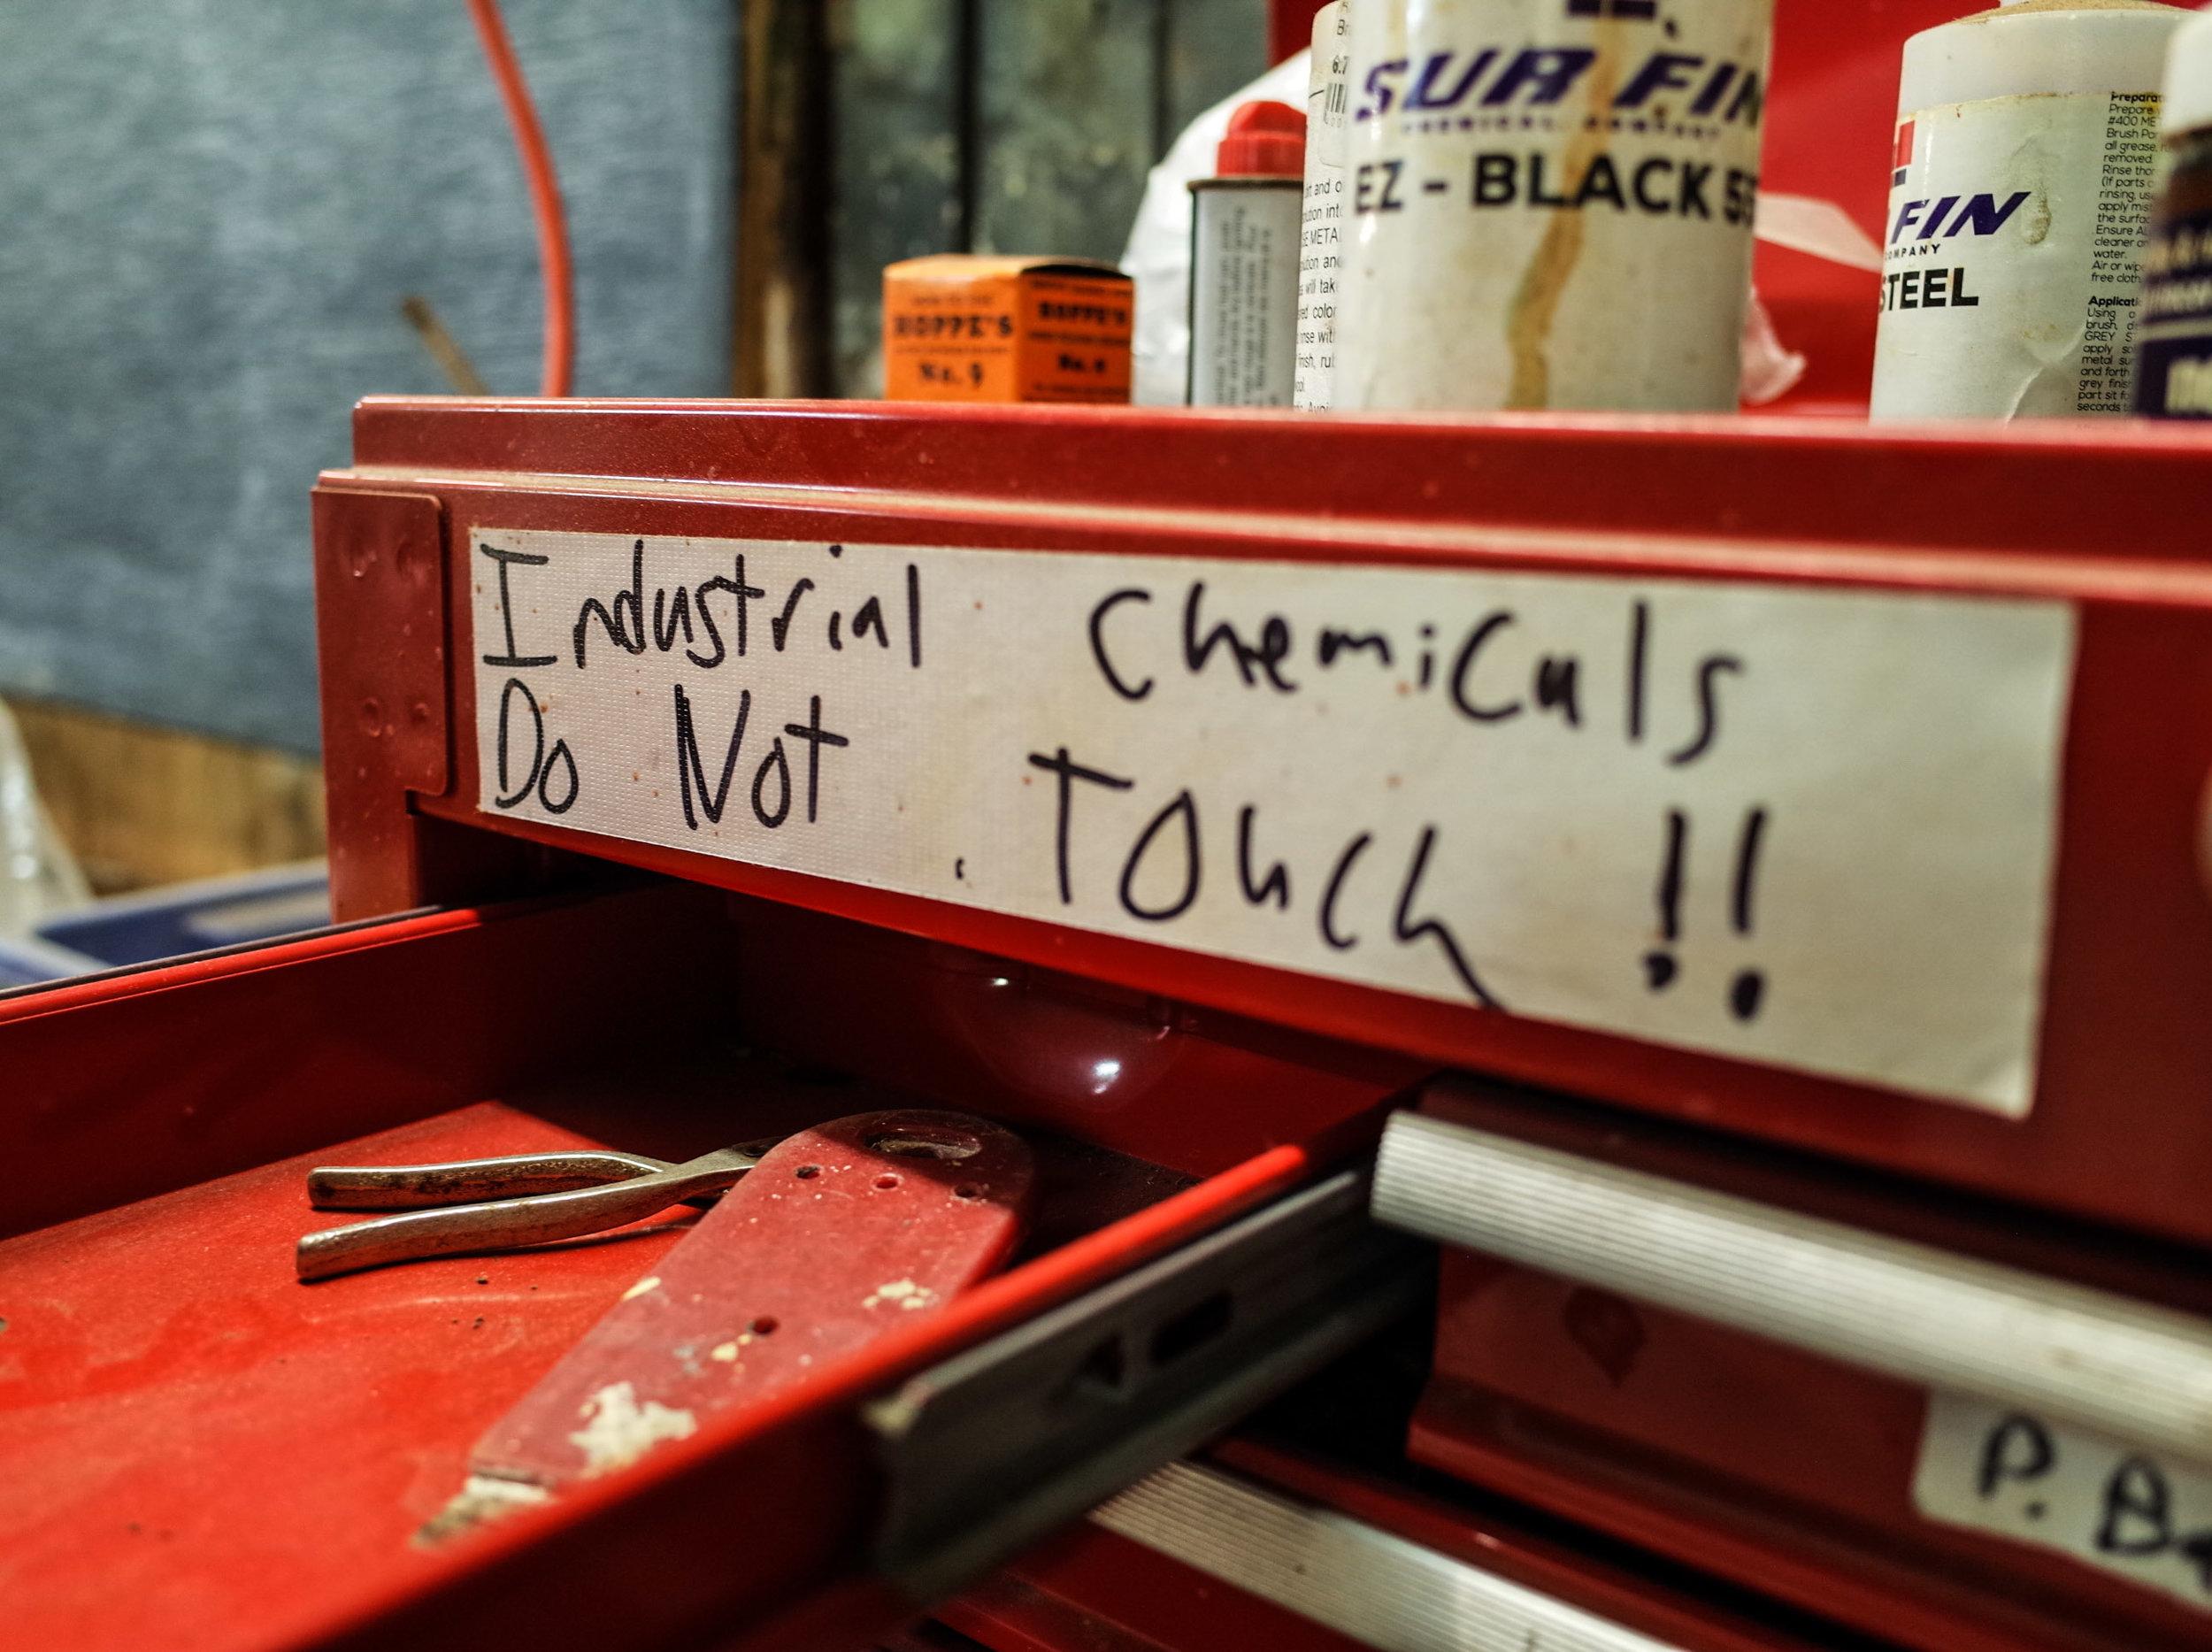 industrial-tool-box.jpg